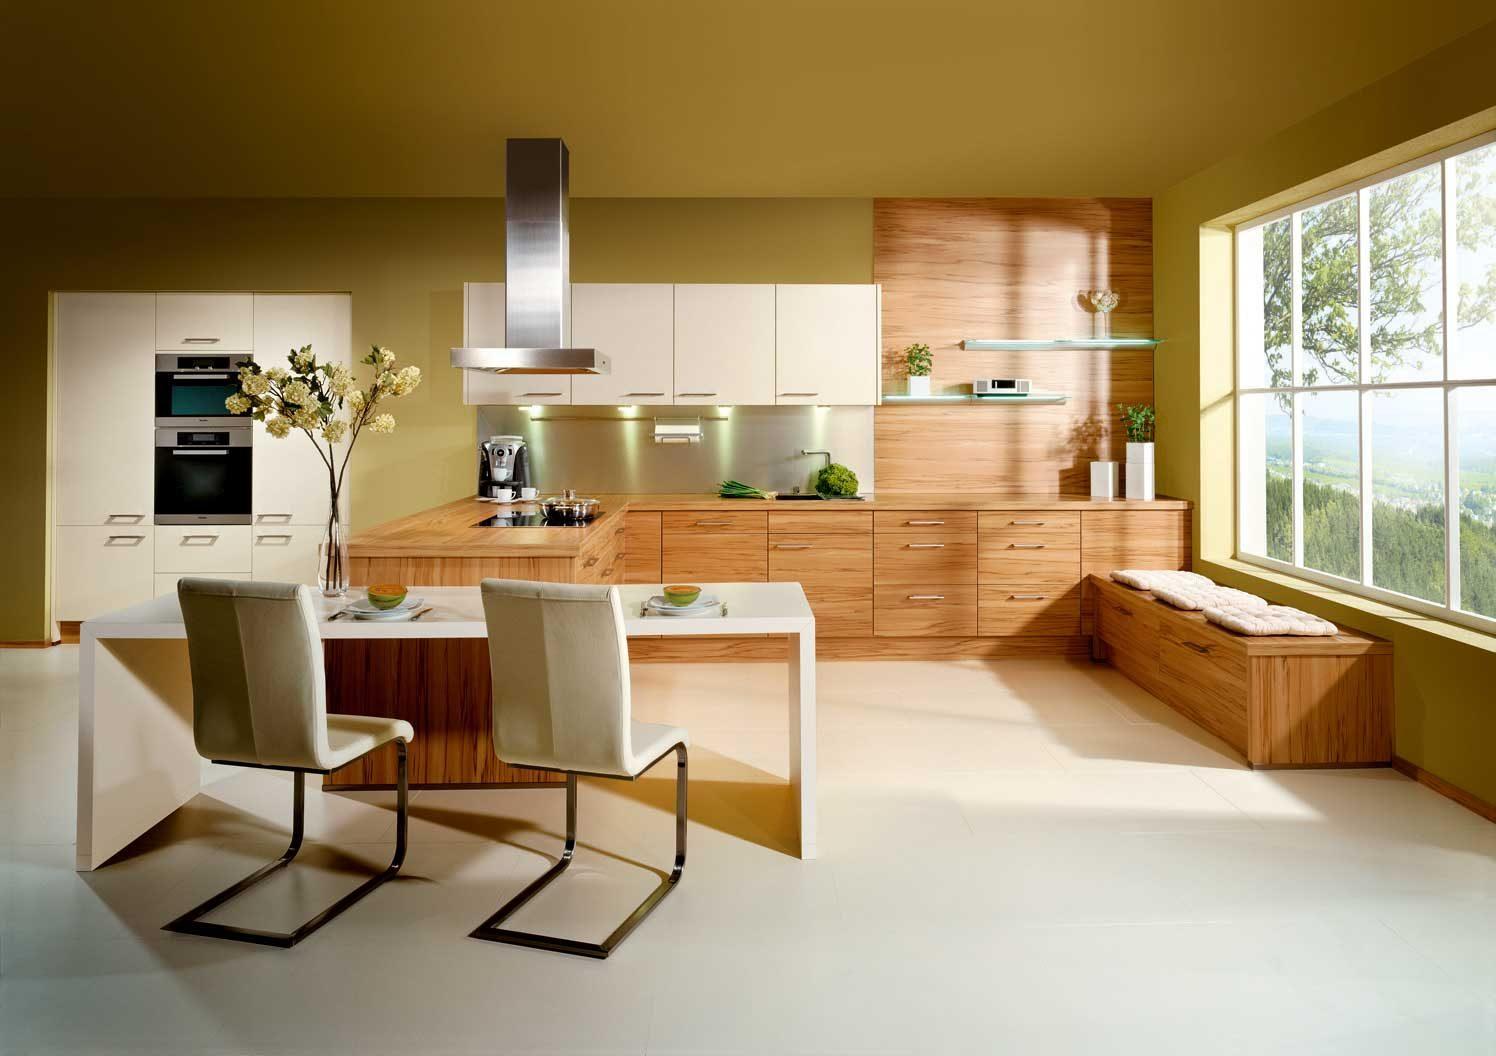 Cocina americana de estilo r stico im genes y fotos - Estilos de cocinas modernas ...